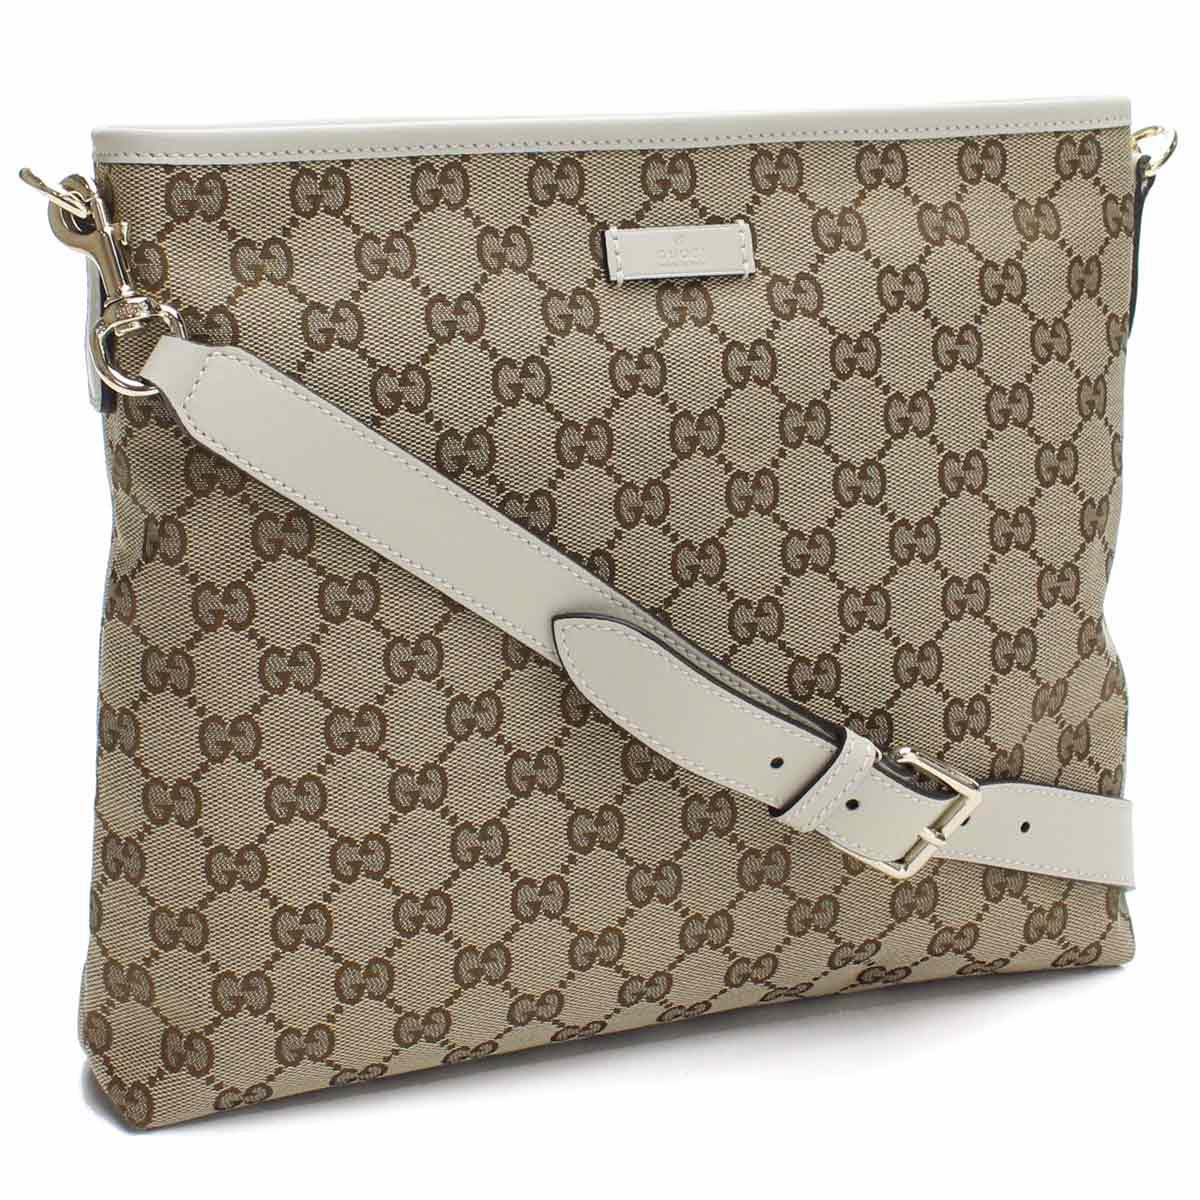 レディースバッグ, ショルダーバッグ・メッセンジャーバッグ  GUCCI GG 388924 KQWFZ 9761 brand shoulderbag brand